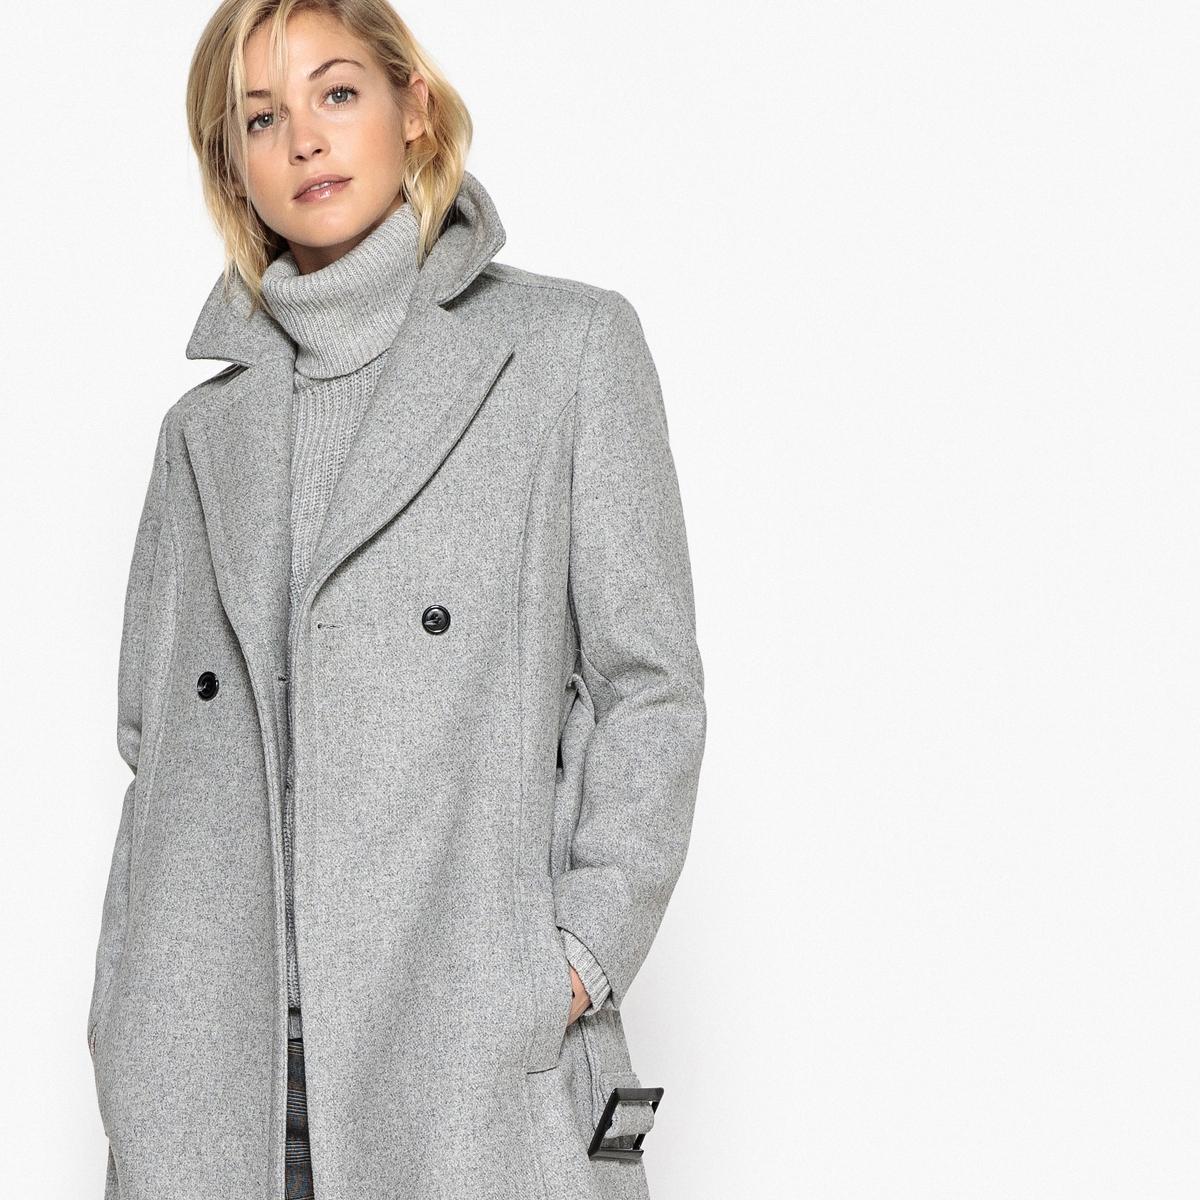 Пальто длинное с поясомОписание:Это пальто приталенного покроя  с широким ремешком и красивой длиной невероятно элегантно. Идеальное длинное пальто!Детали •  Длина : удлиненная модель •  Шалевый воротник • Застежка на пуговицыСостав и уход •  50% шерсти, 50% других волокон •  Подкладка : 100% полиэстер • Не стирать •  Деликатная чистка/без отбеливателей •  Не использовать барабанную сушку  •  Низкая температура глажки •  Длина : 120 см<br><br>Цвет: серый,темно-синий<br>Размер: 36 (FR) - 42 (RUS).50 (FR) - 56 (RUS).42 (FR) - 48 (RUS).50 (FR) - 56 (RUS).48 (FR) - 54 (RUS).48 (FR) - 54 (RUS).46 (FR) - 52 (RUS).42 (FR) - 48 (RUS).38 (FR) - 44 (RUS).36 (FR) - 42 (RUS).34 (FR) - 40 (RUS).40 (FR) - 46 (RUS)